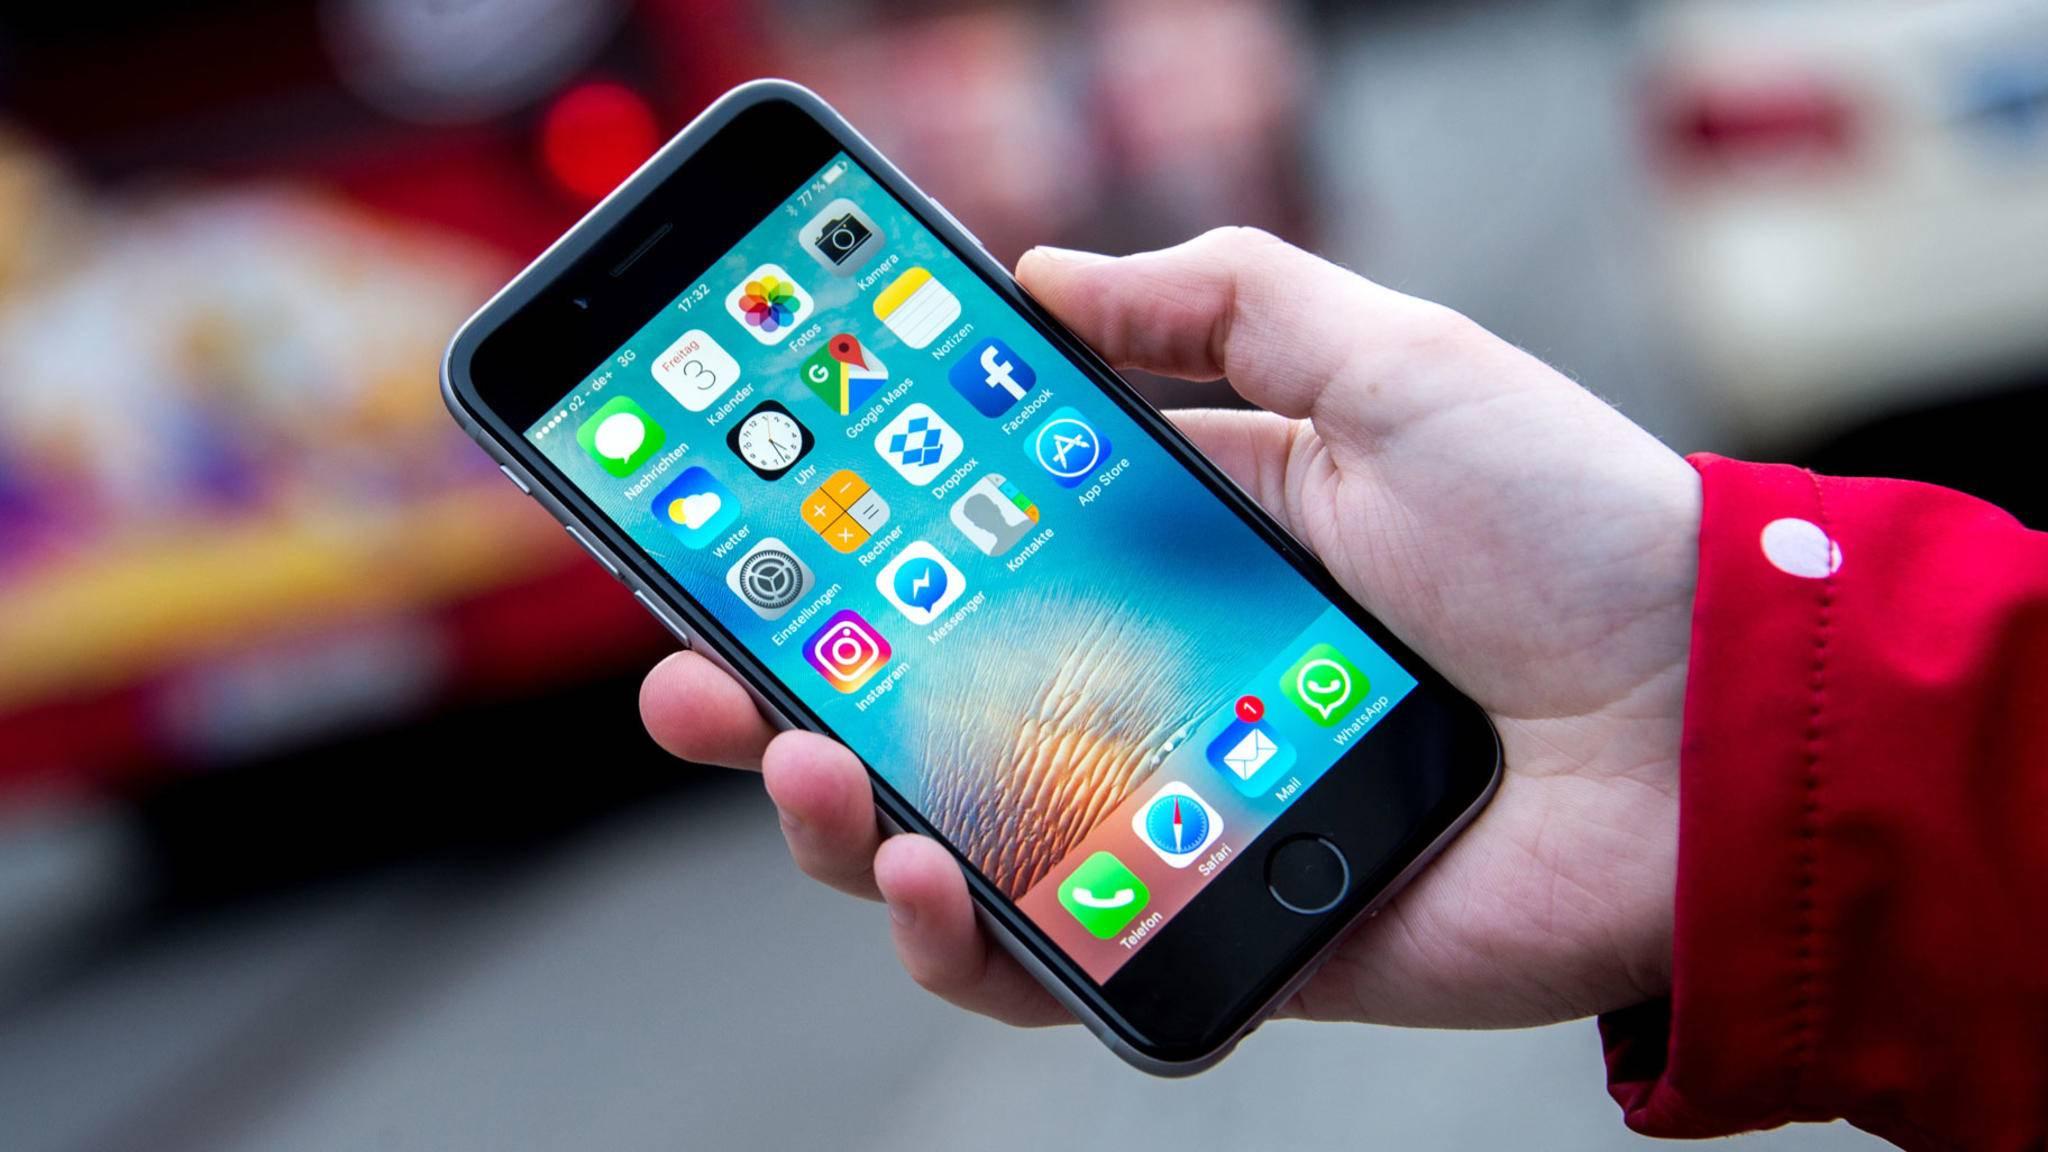 Immer wissen, wo jemand steckt: Die Freunde-App auf dem iPhone machts möglich.